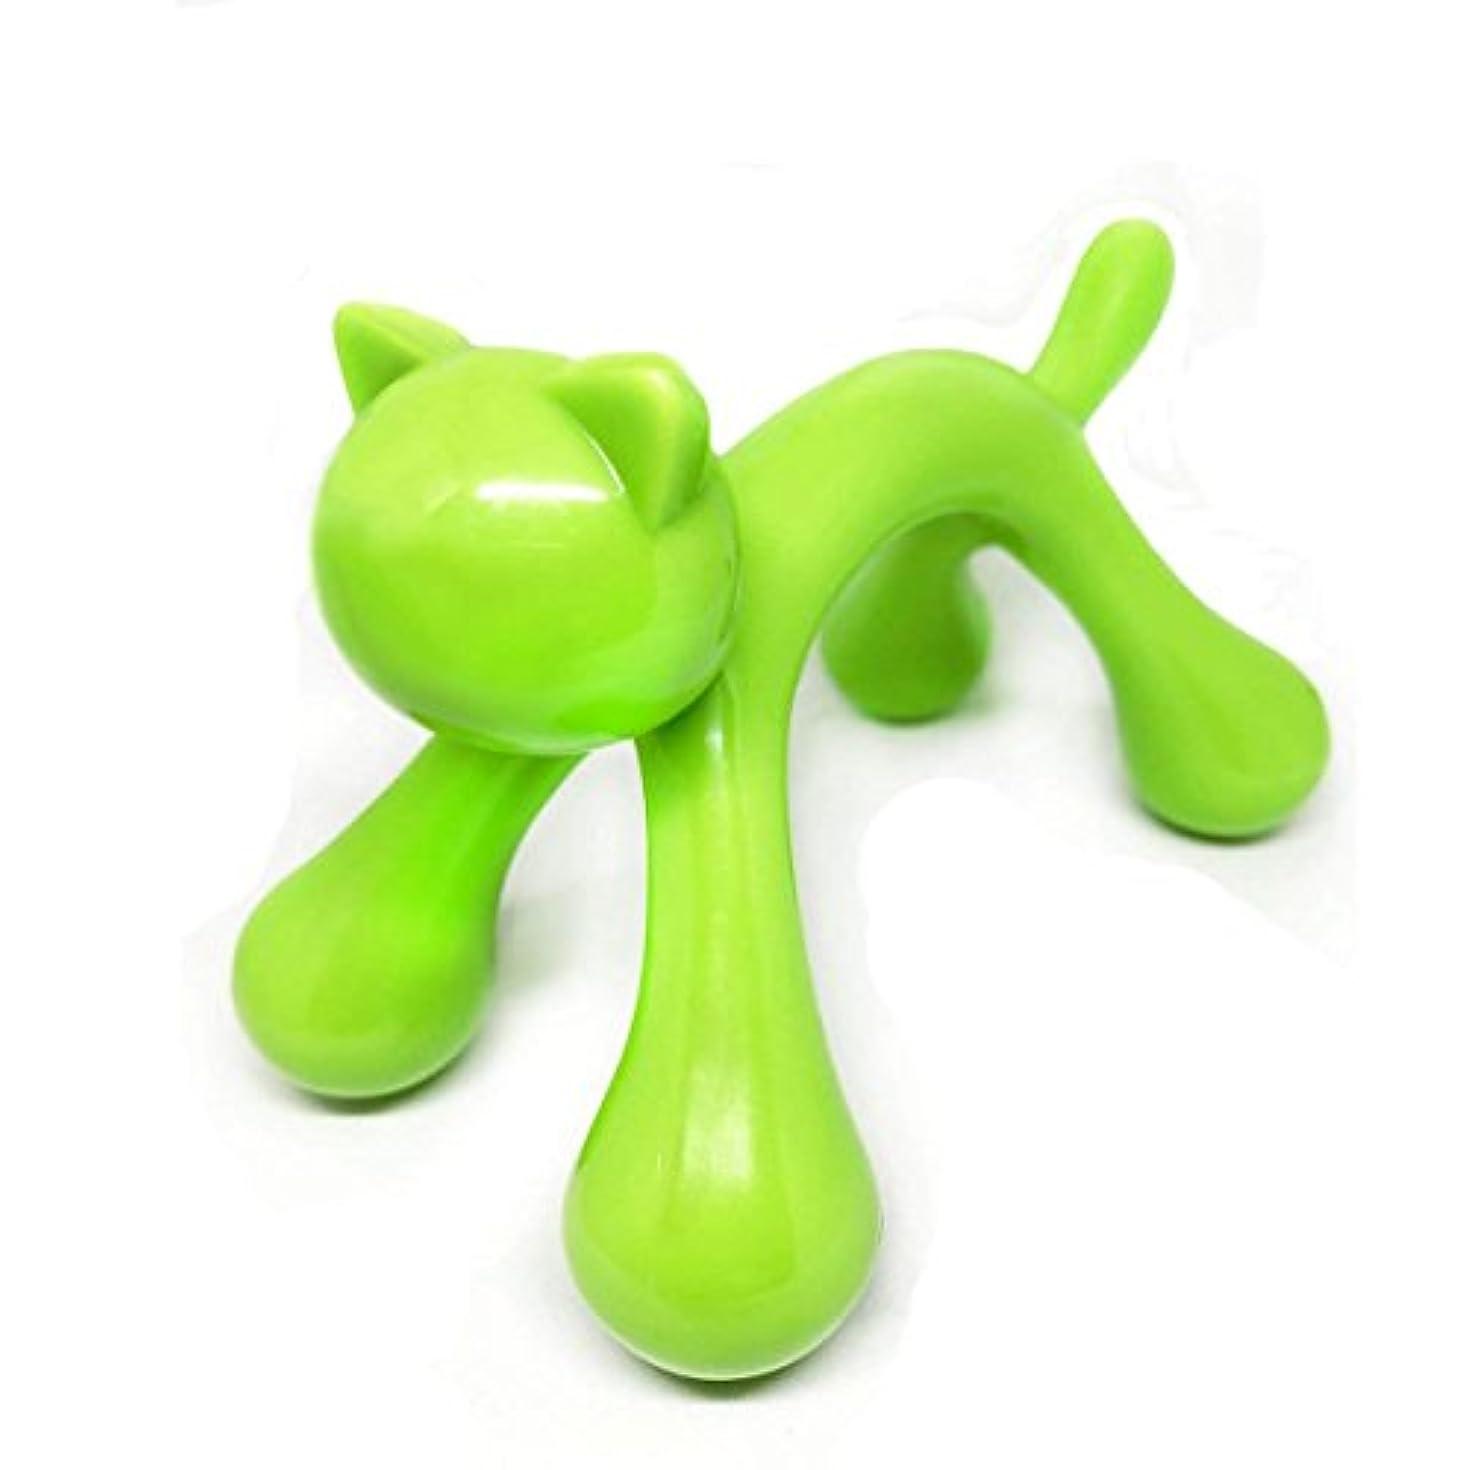 ガラス背の高い元気なマッサージ棒 ツボ押しマッサージ台 握りタイプ 背中 ウッド 疲労回復 ハンド 背中 首 肩こり解消 可愛いネコ型 (グリーン)